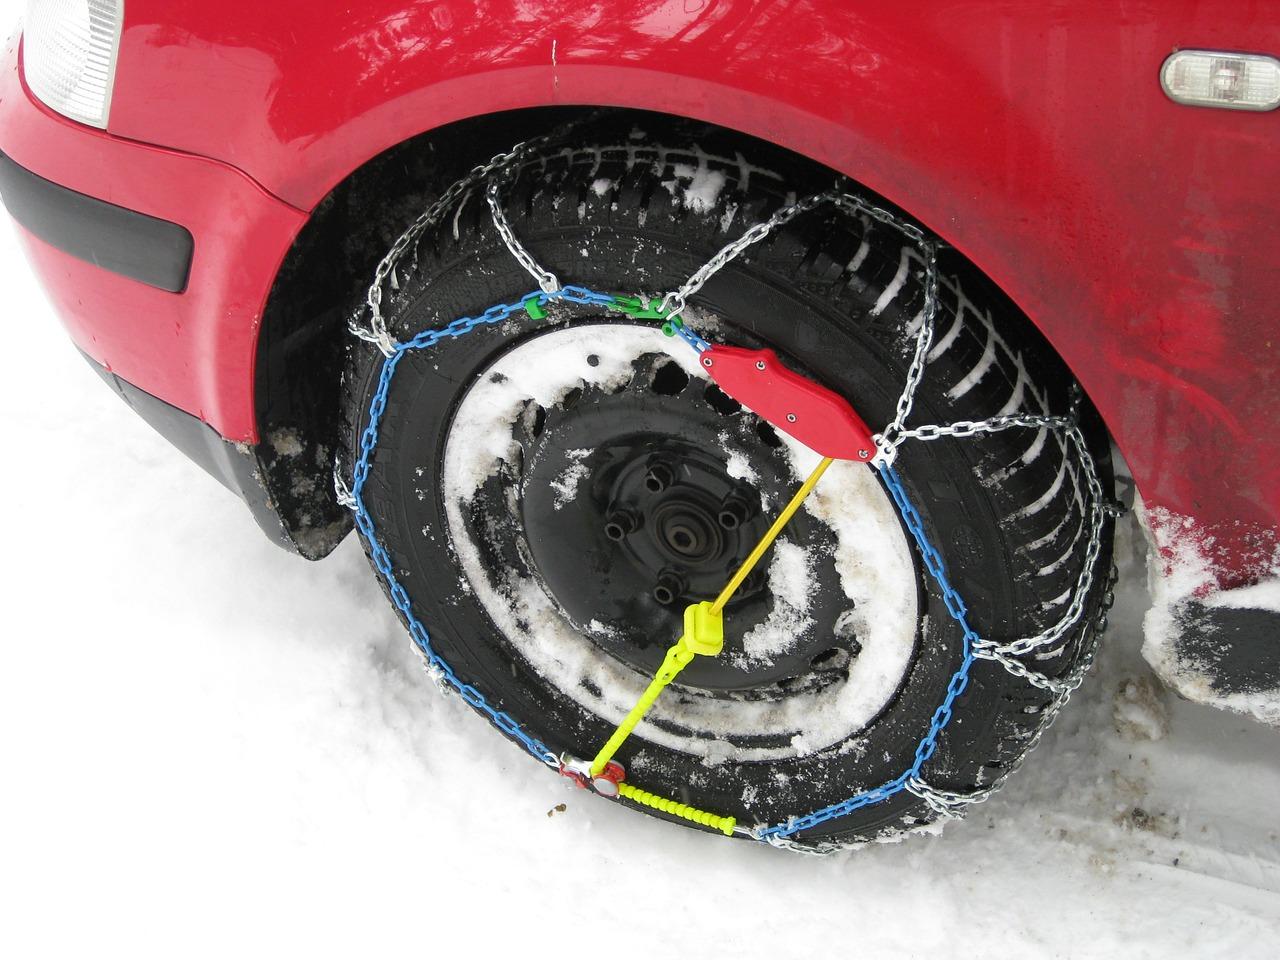 Lazio: ecco l'elenco delle strade dove vige l'obbligo di pneumatici invernali o catene a bordo - Trasporti-Italia.com